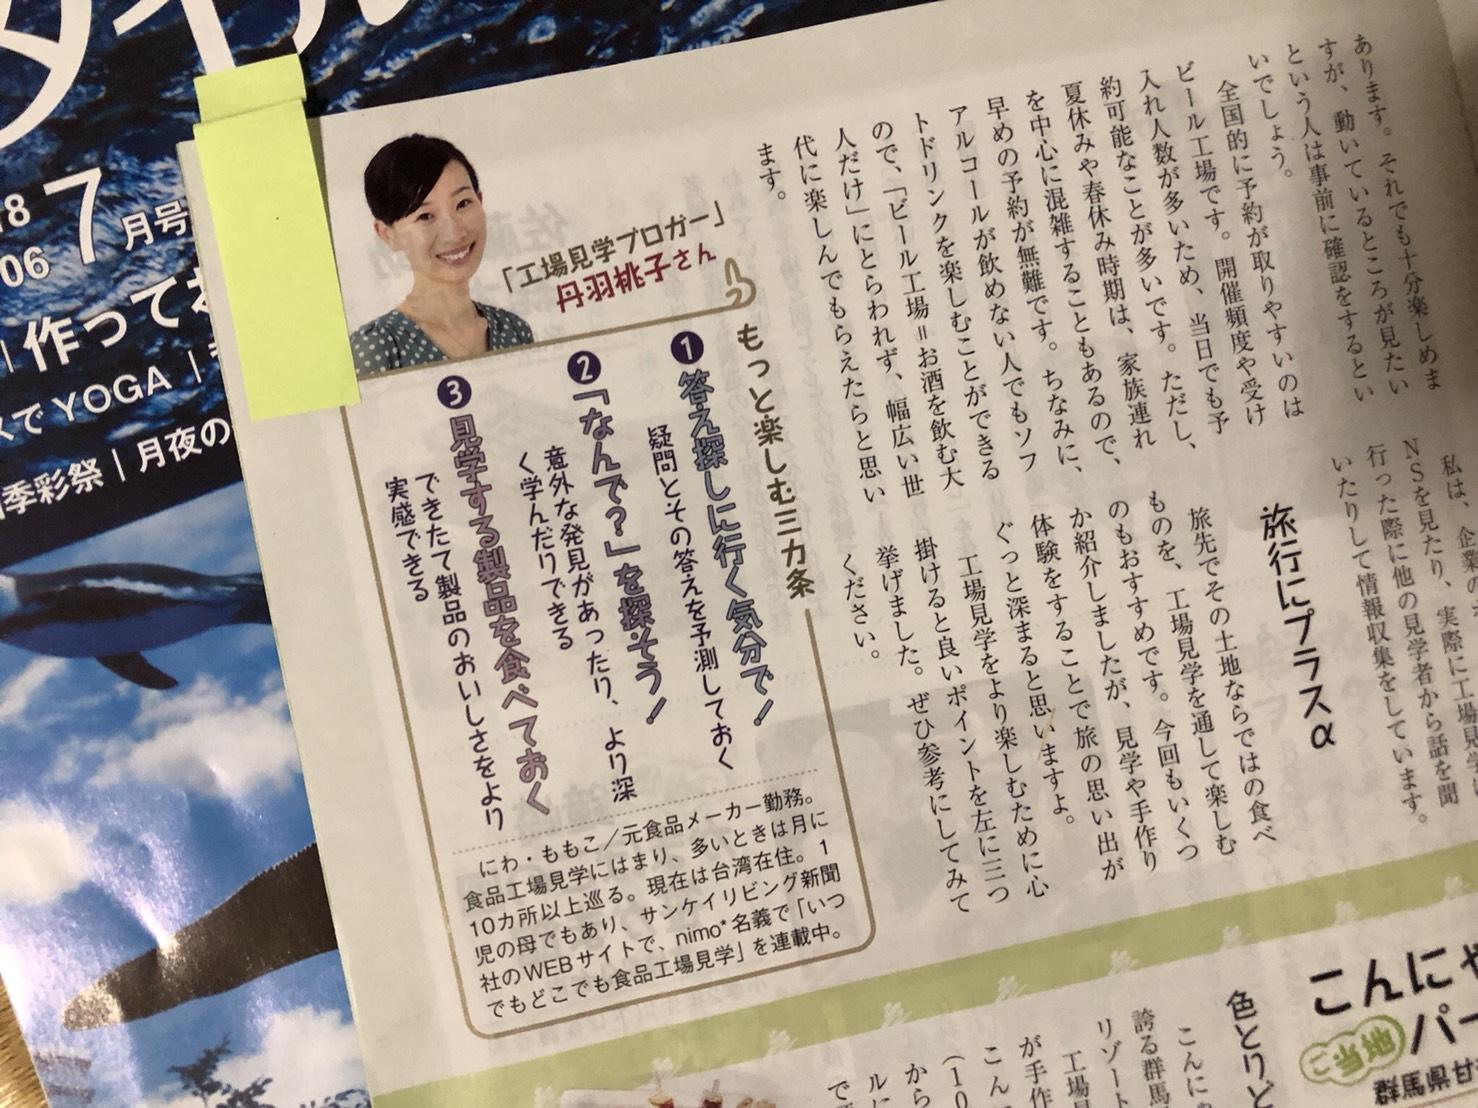 朝日新聞『スタイルアサヒ』7月号の執筆協力させて頂きました‼